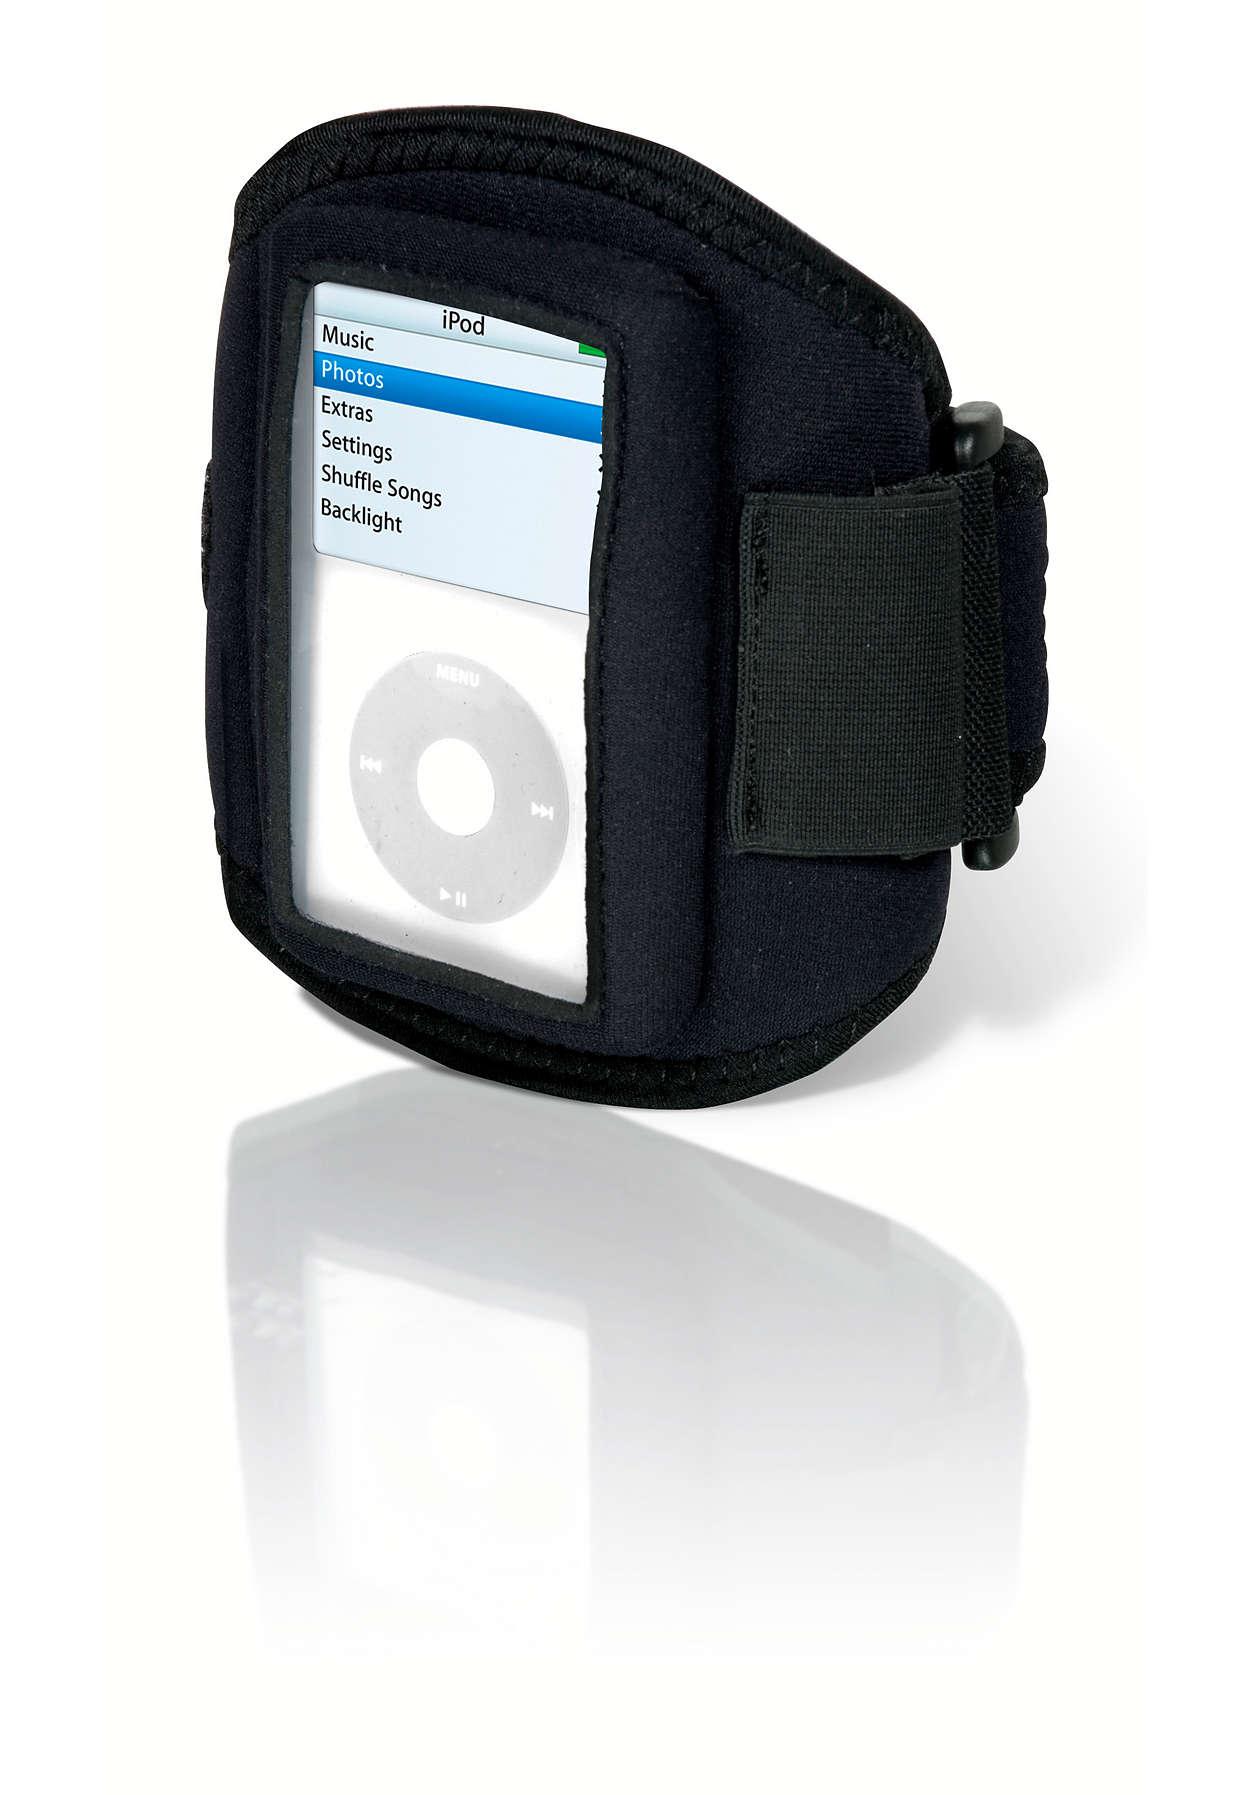 Tren med MP3-spilleren